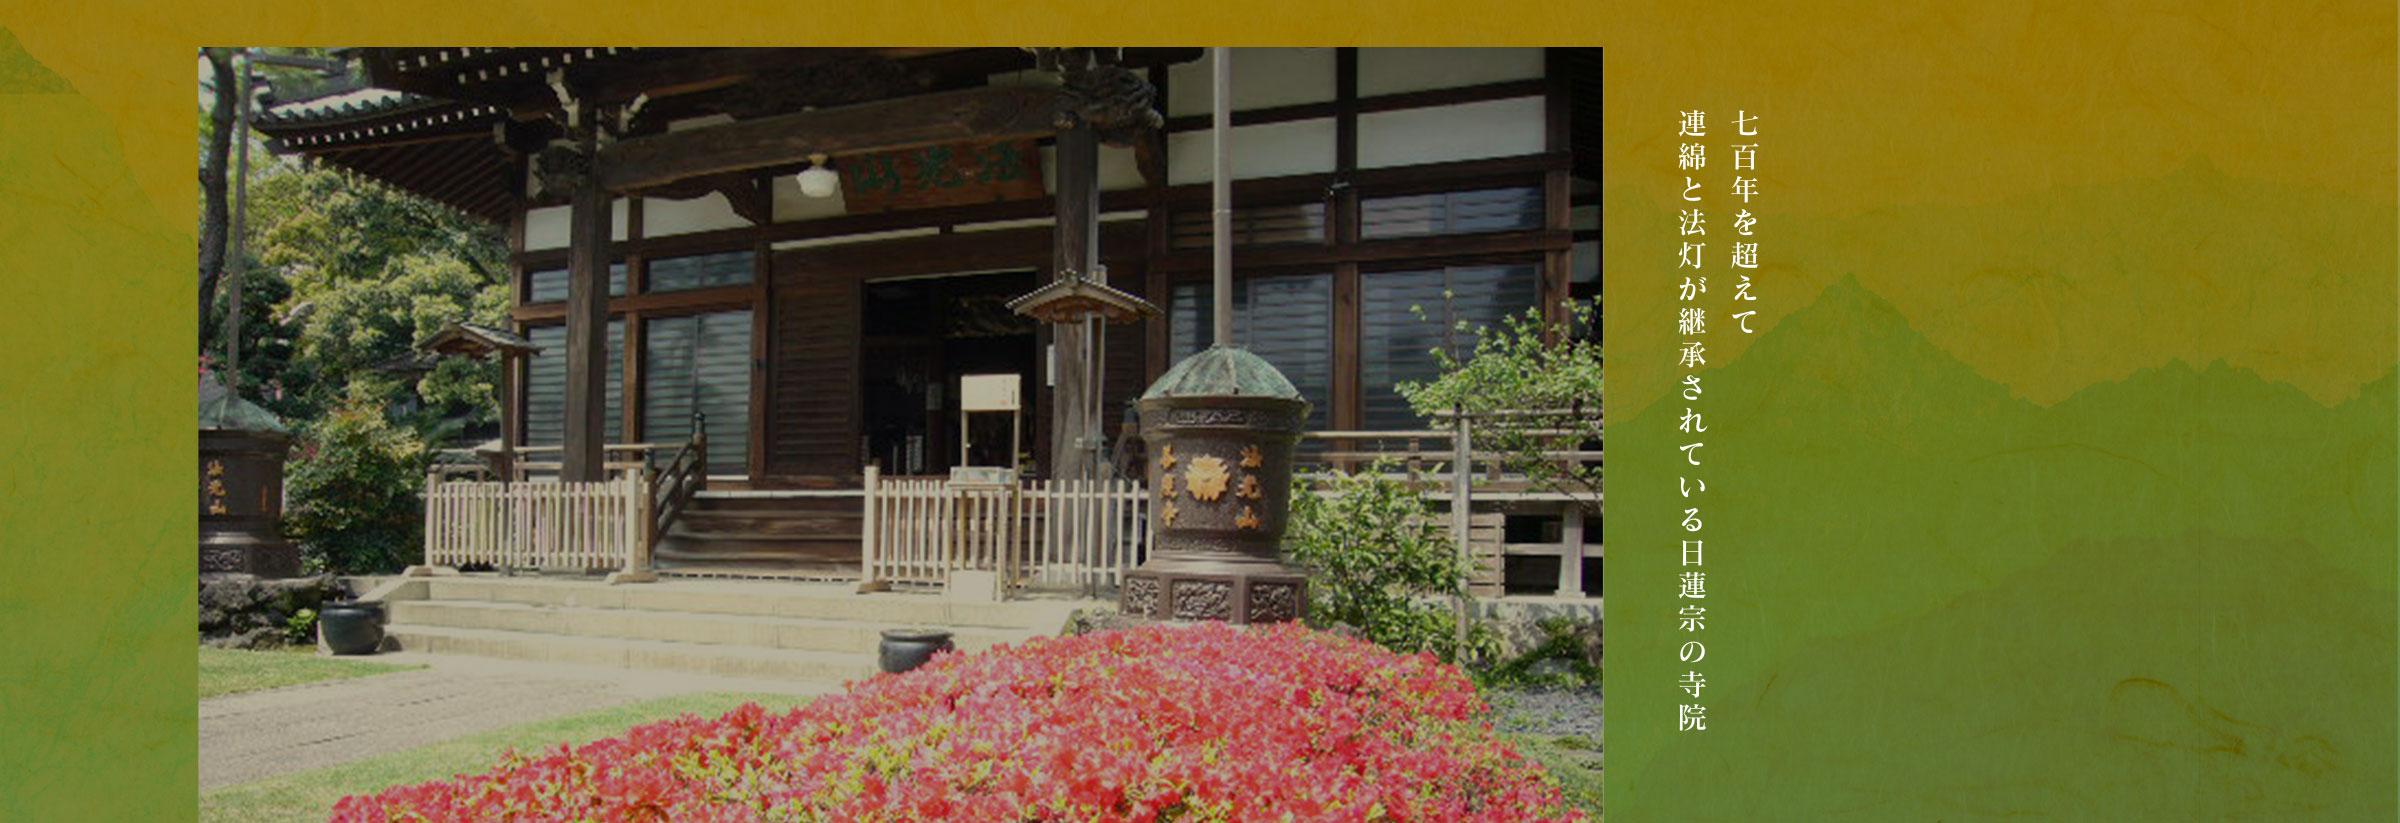 東京都史跡・文化財義民六人衆霊場・大森鬼子母神 法光山善慶寺